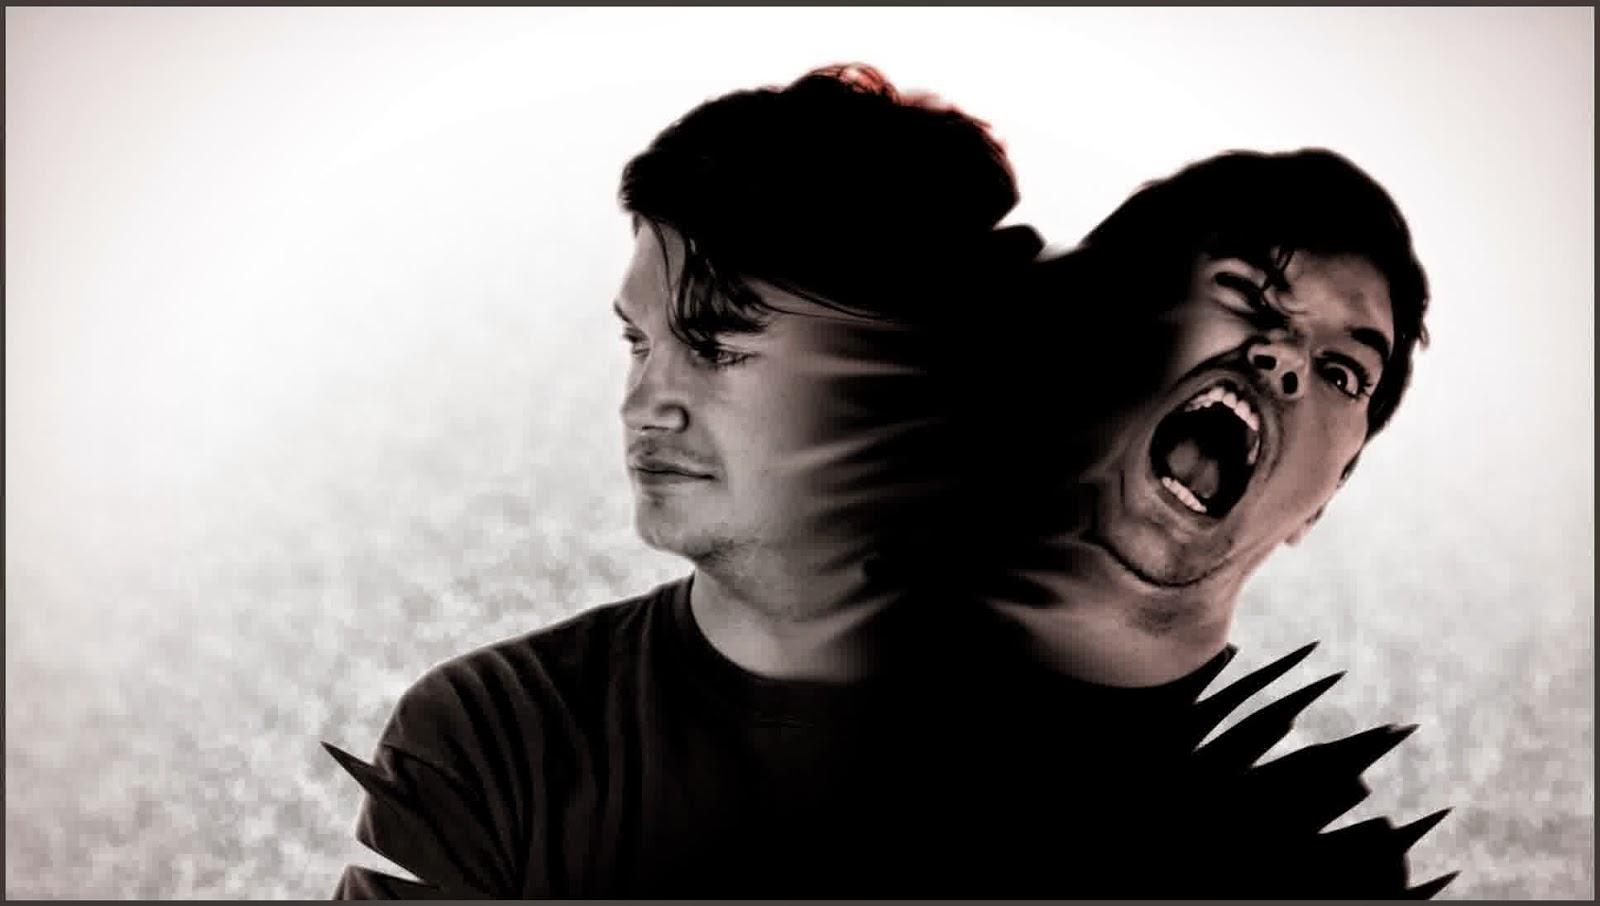 Apa Yang Dirasakan Penderita Skizofrenia ? - Urban Psychology